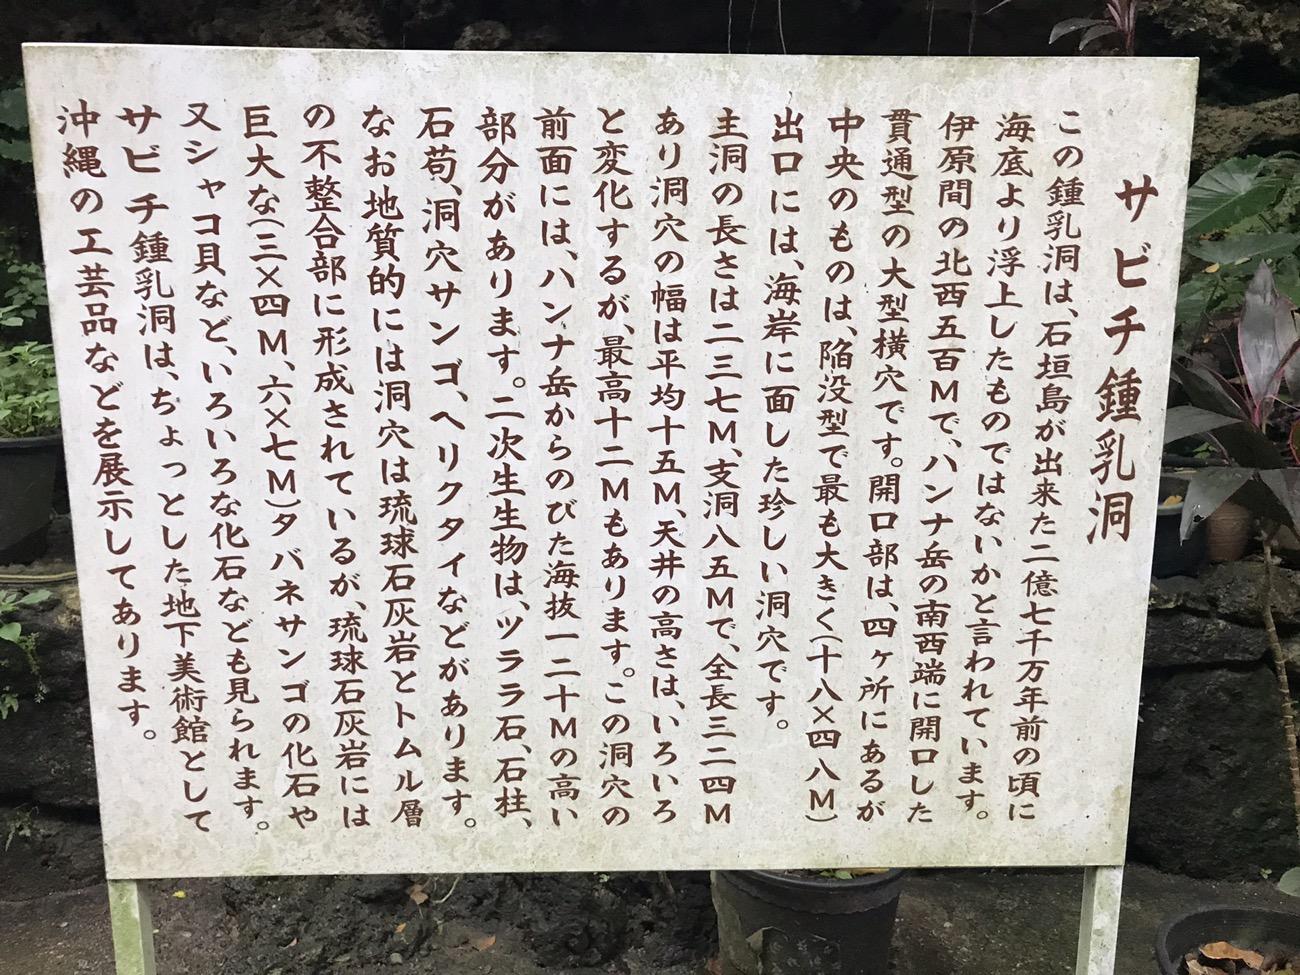 雨の石垣島観光伊原間サビチ洞の説明